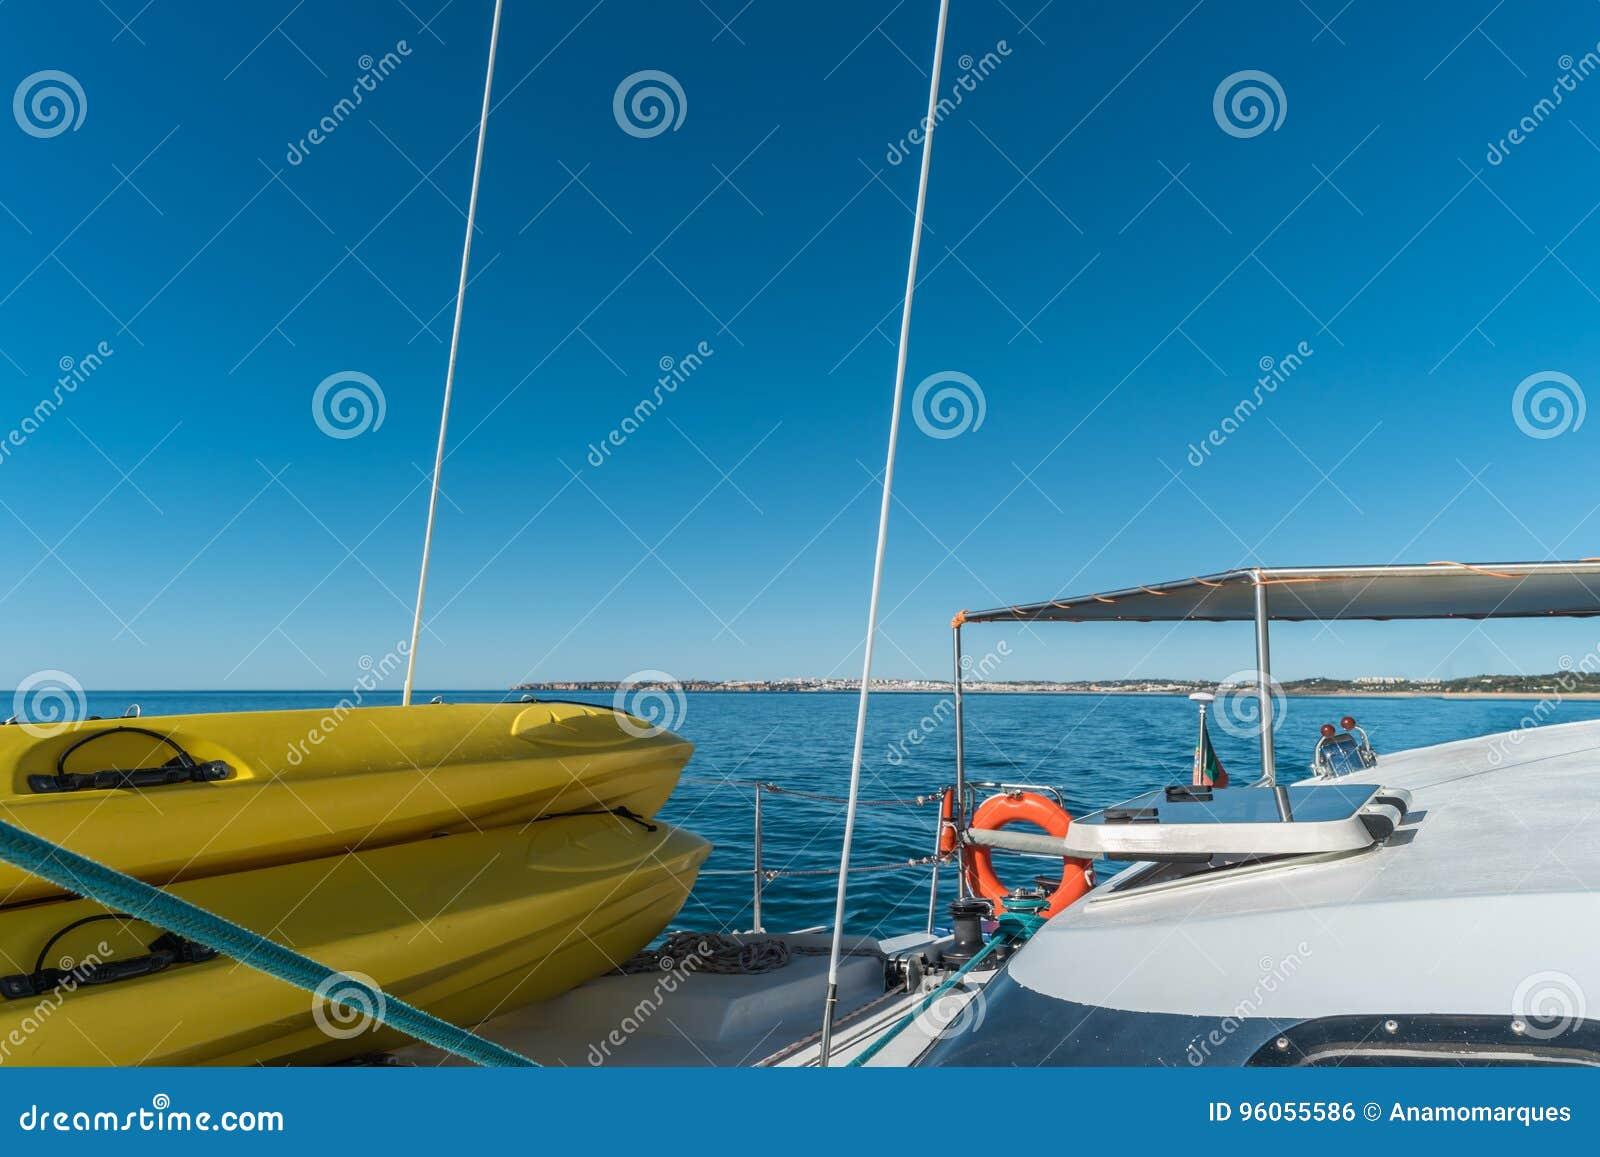 Le bateau à voile et tiennent des panneaux de palette